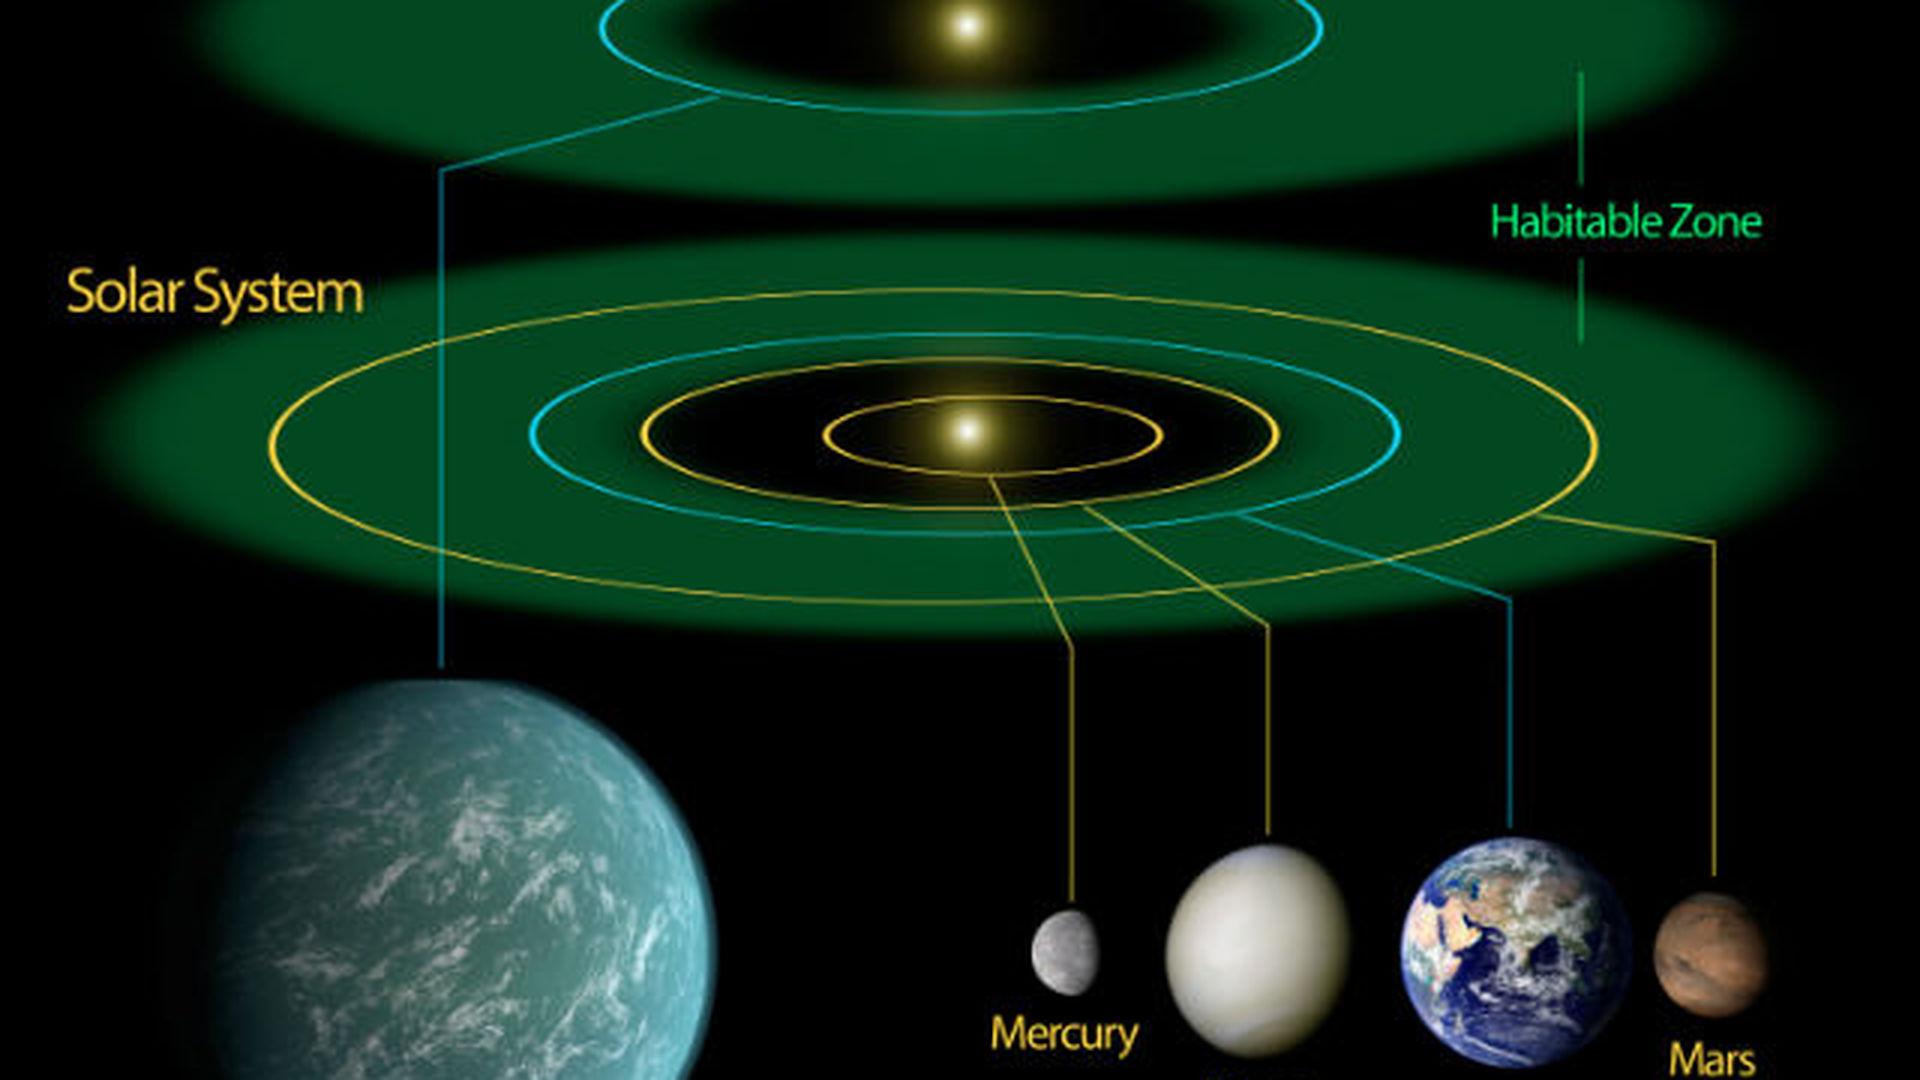 kepler planets habitable zone - 919×630